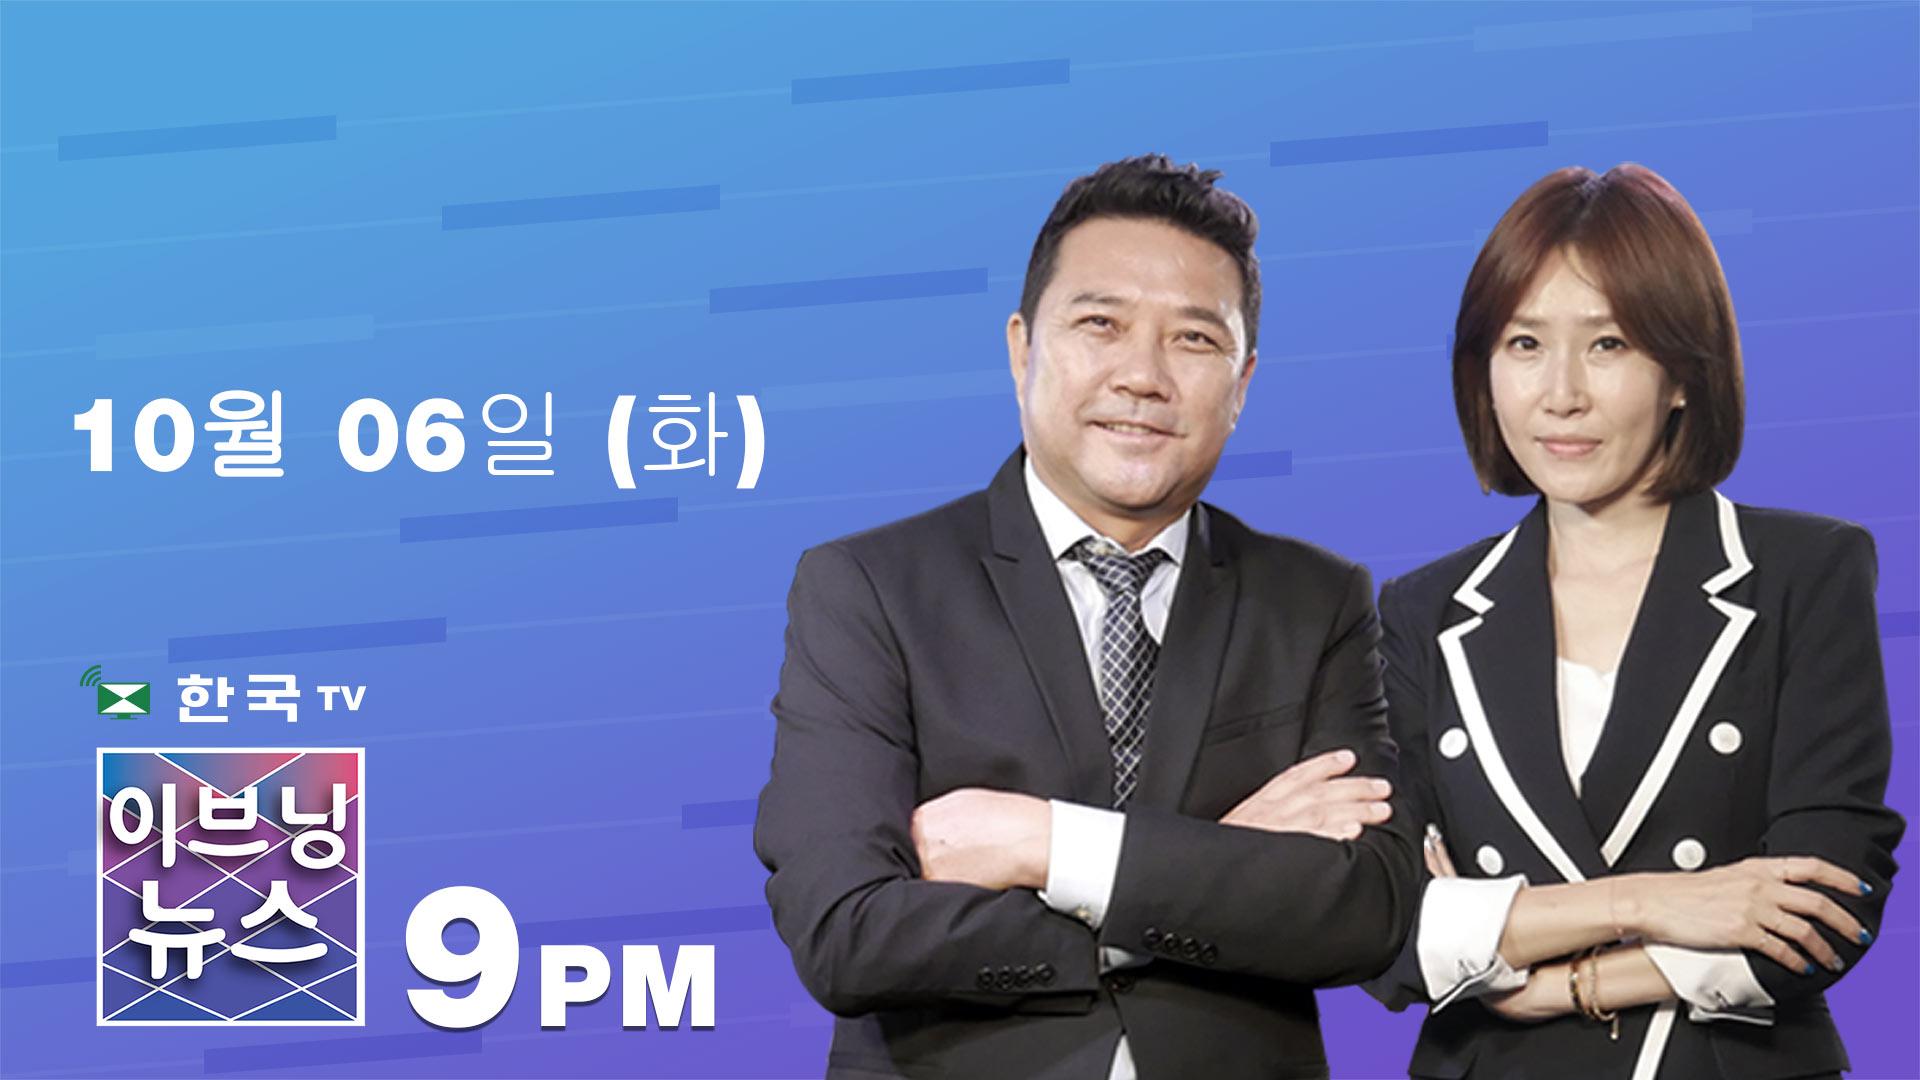 (10.06.2020) 한국TV 이브닝 뉴스